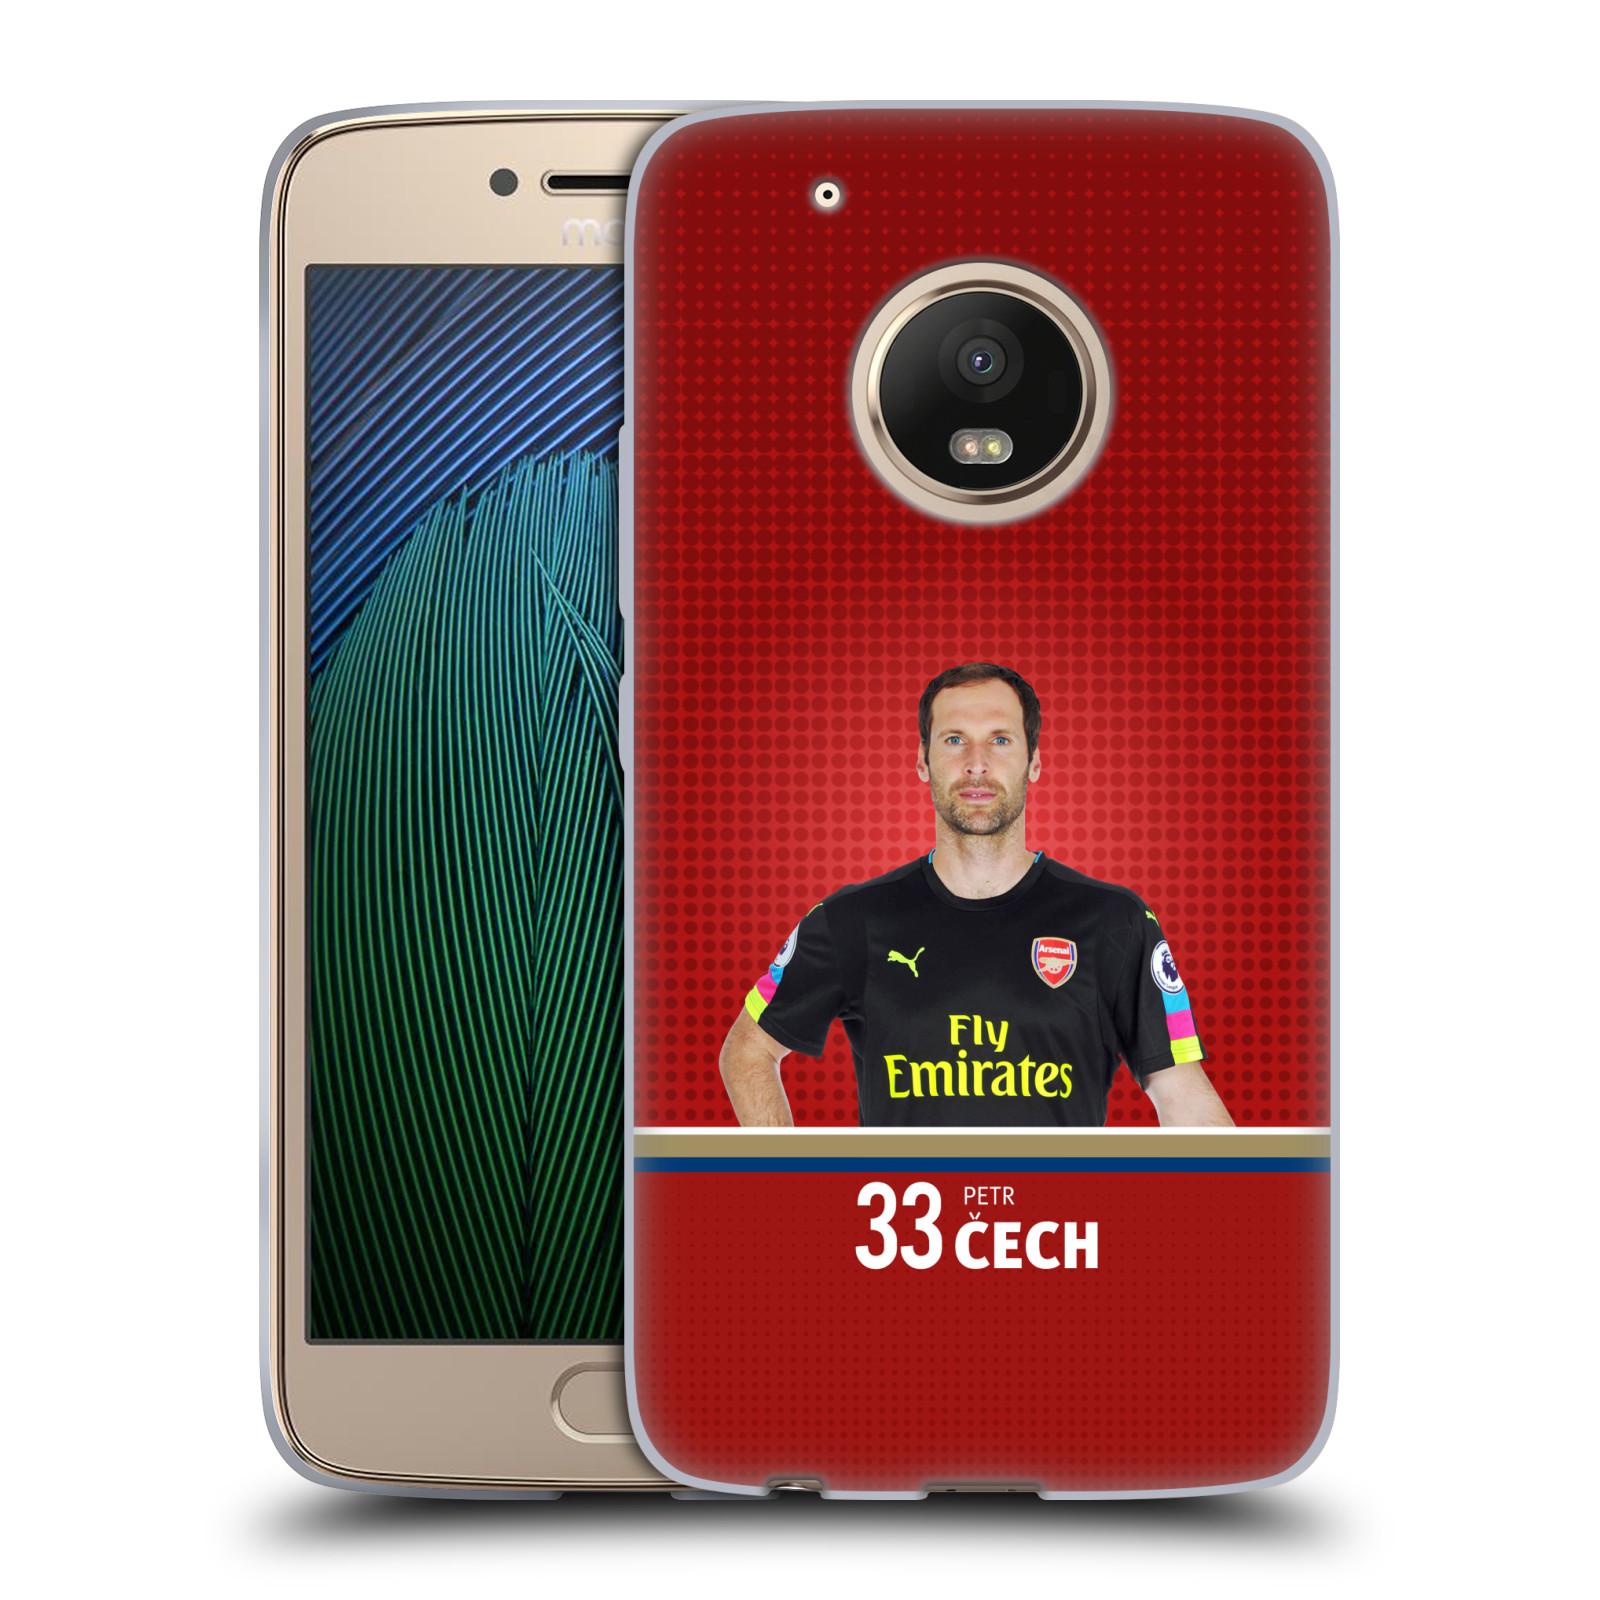 Silikonové pouzdro na mobil Lenovo Moto G5 Plus - Head Case - Arsenal FC - Petr Čech